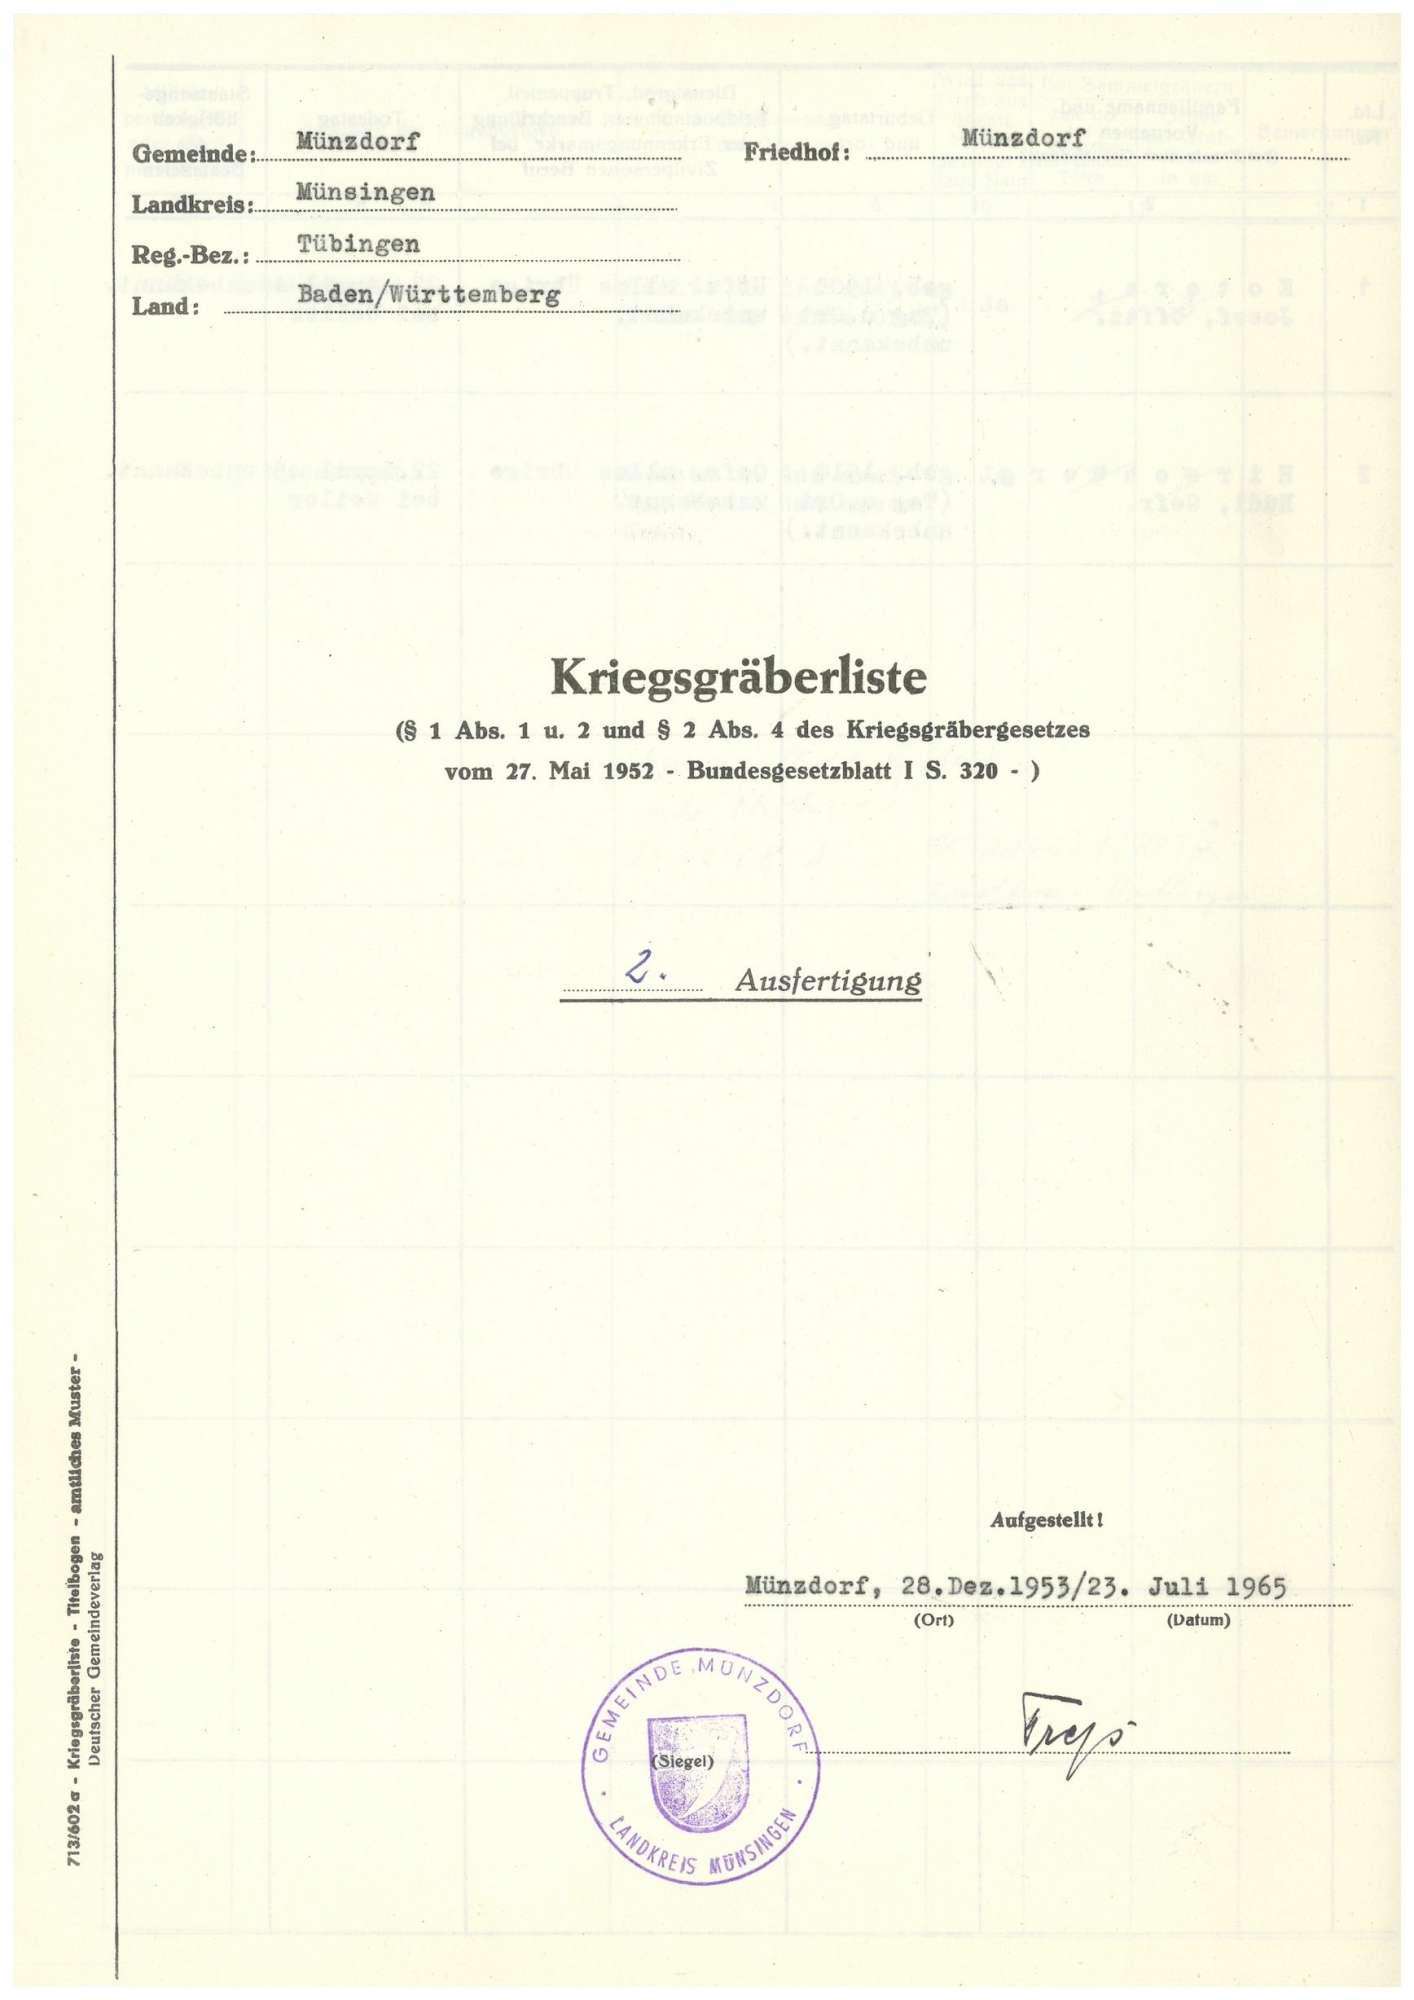 Münzdorf, Bild 1